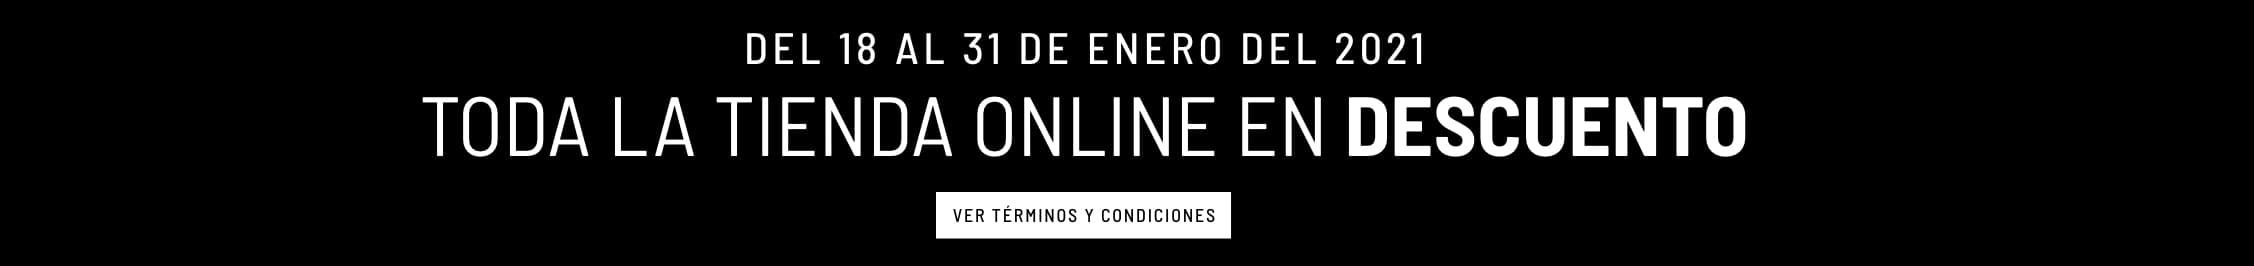 Banner General - Promocion ENE 2021 - (Desktop)